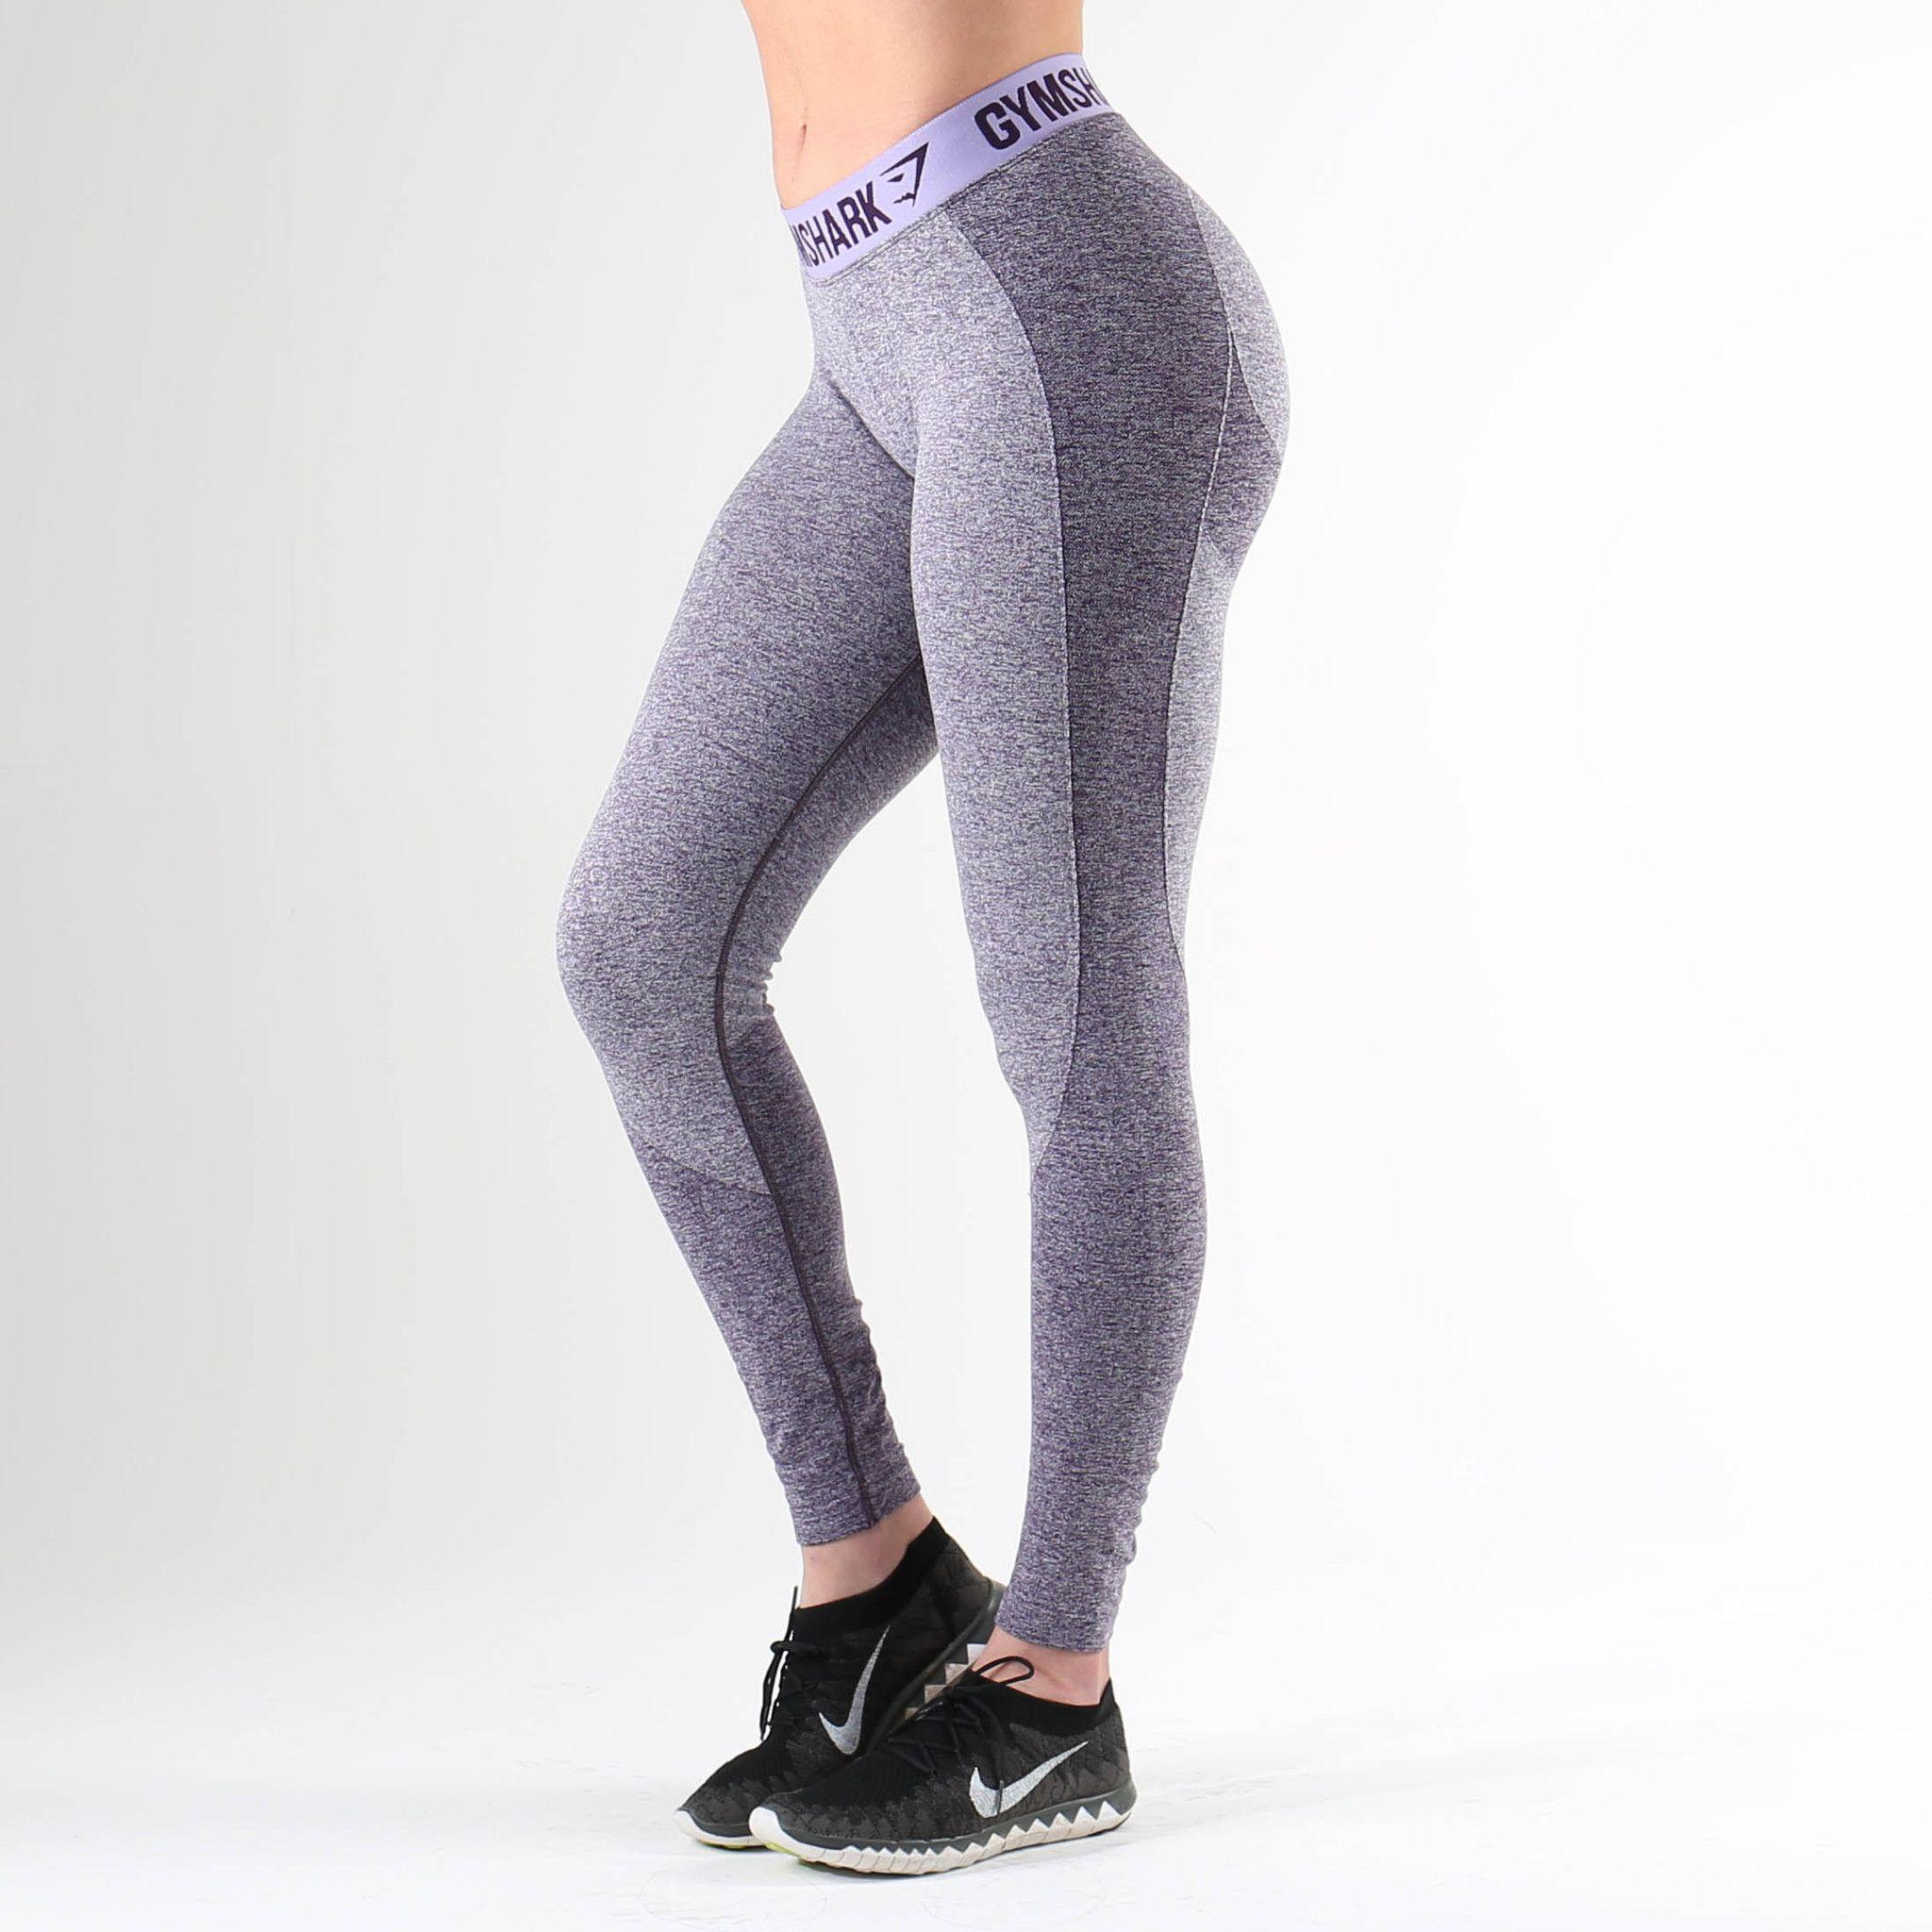 6079ea53f138f Gymshark Flex Leggings - Rich Purple Marl/Soft Lilac | gymshark ...